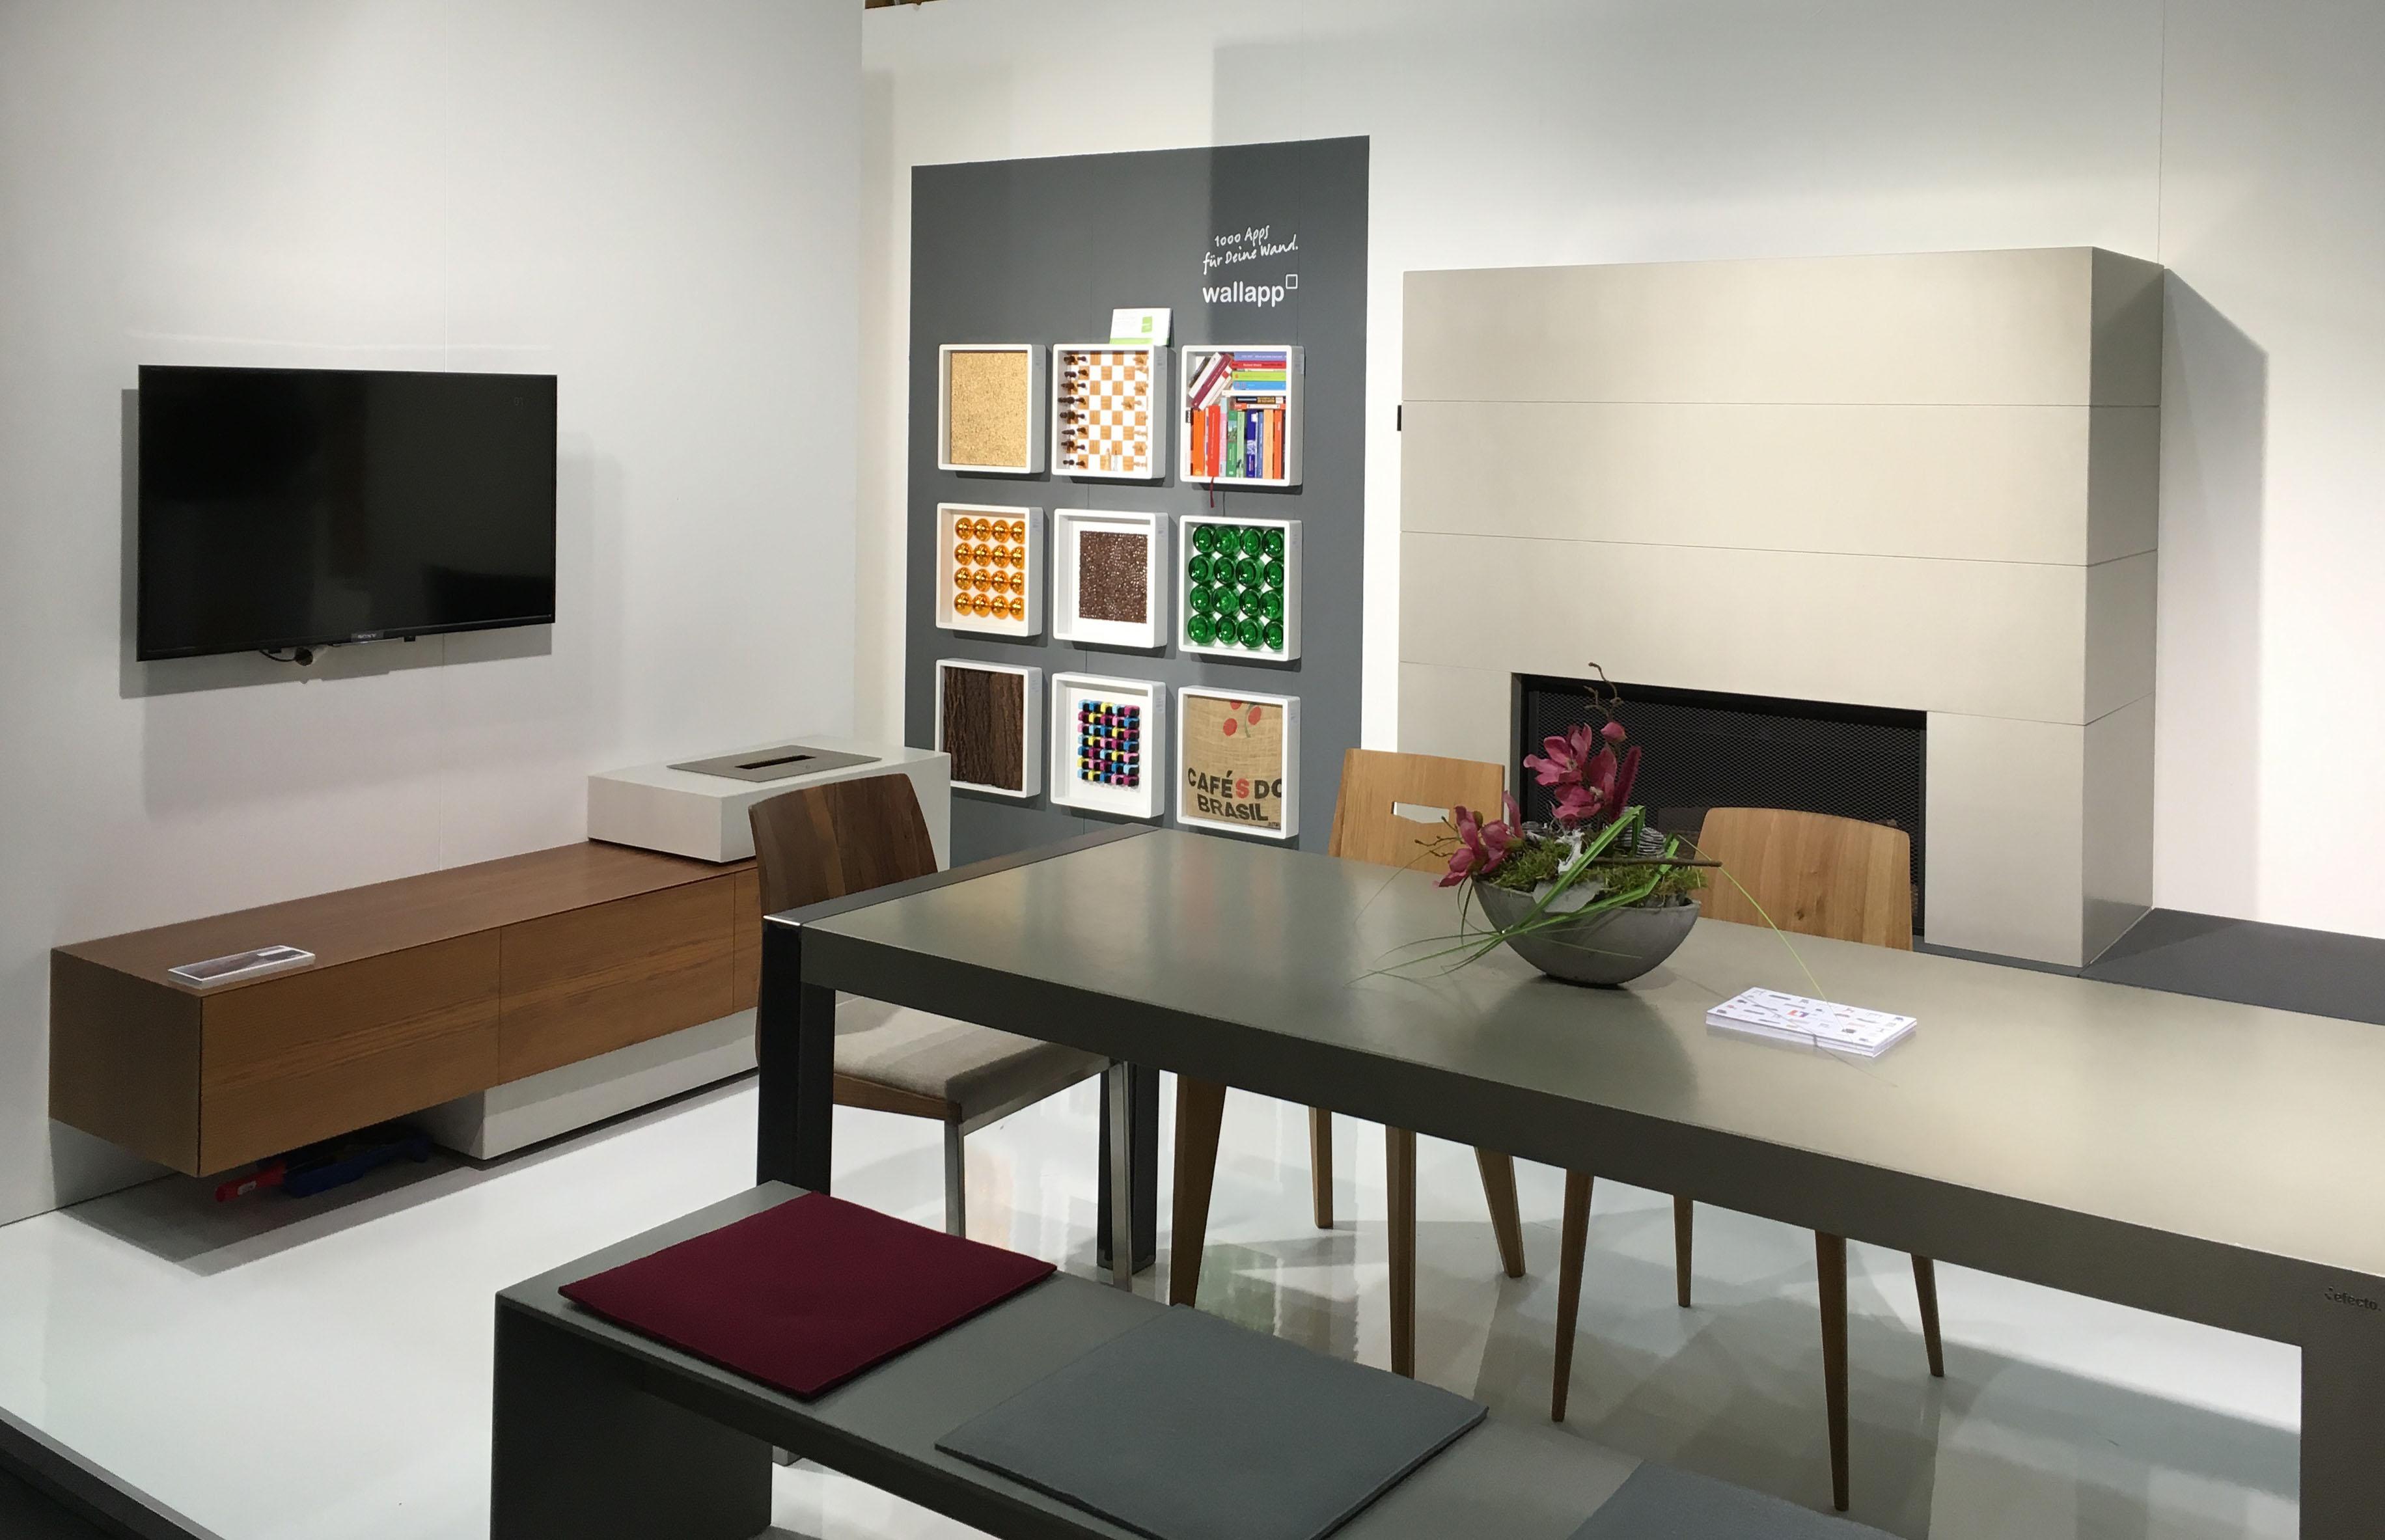 faszination beton efecto auf der wohnen interieur in wien blog efecto die betonschreiner